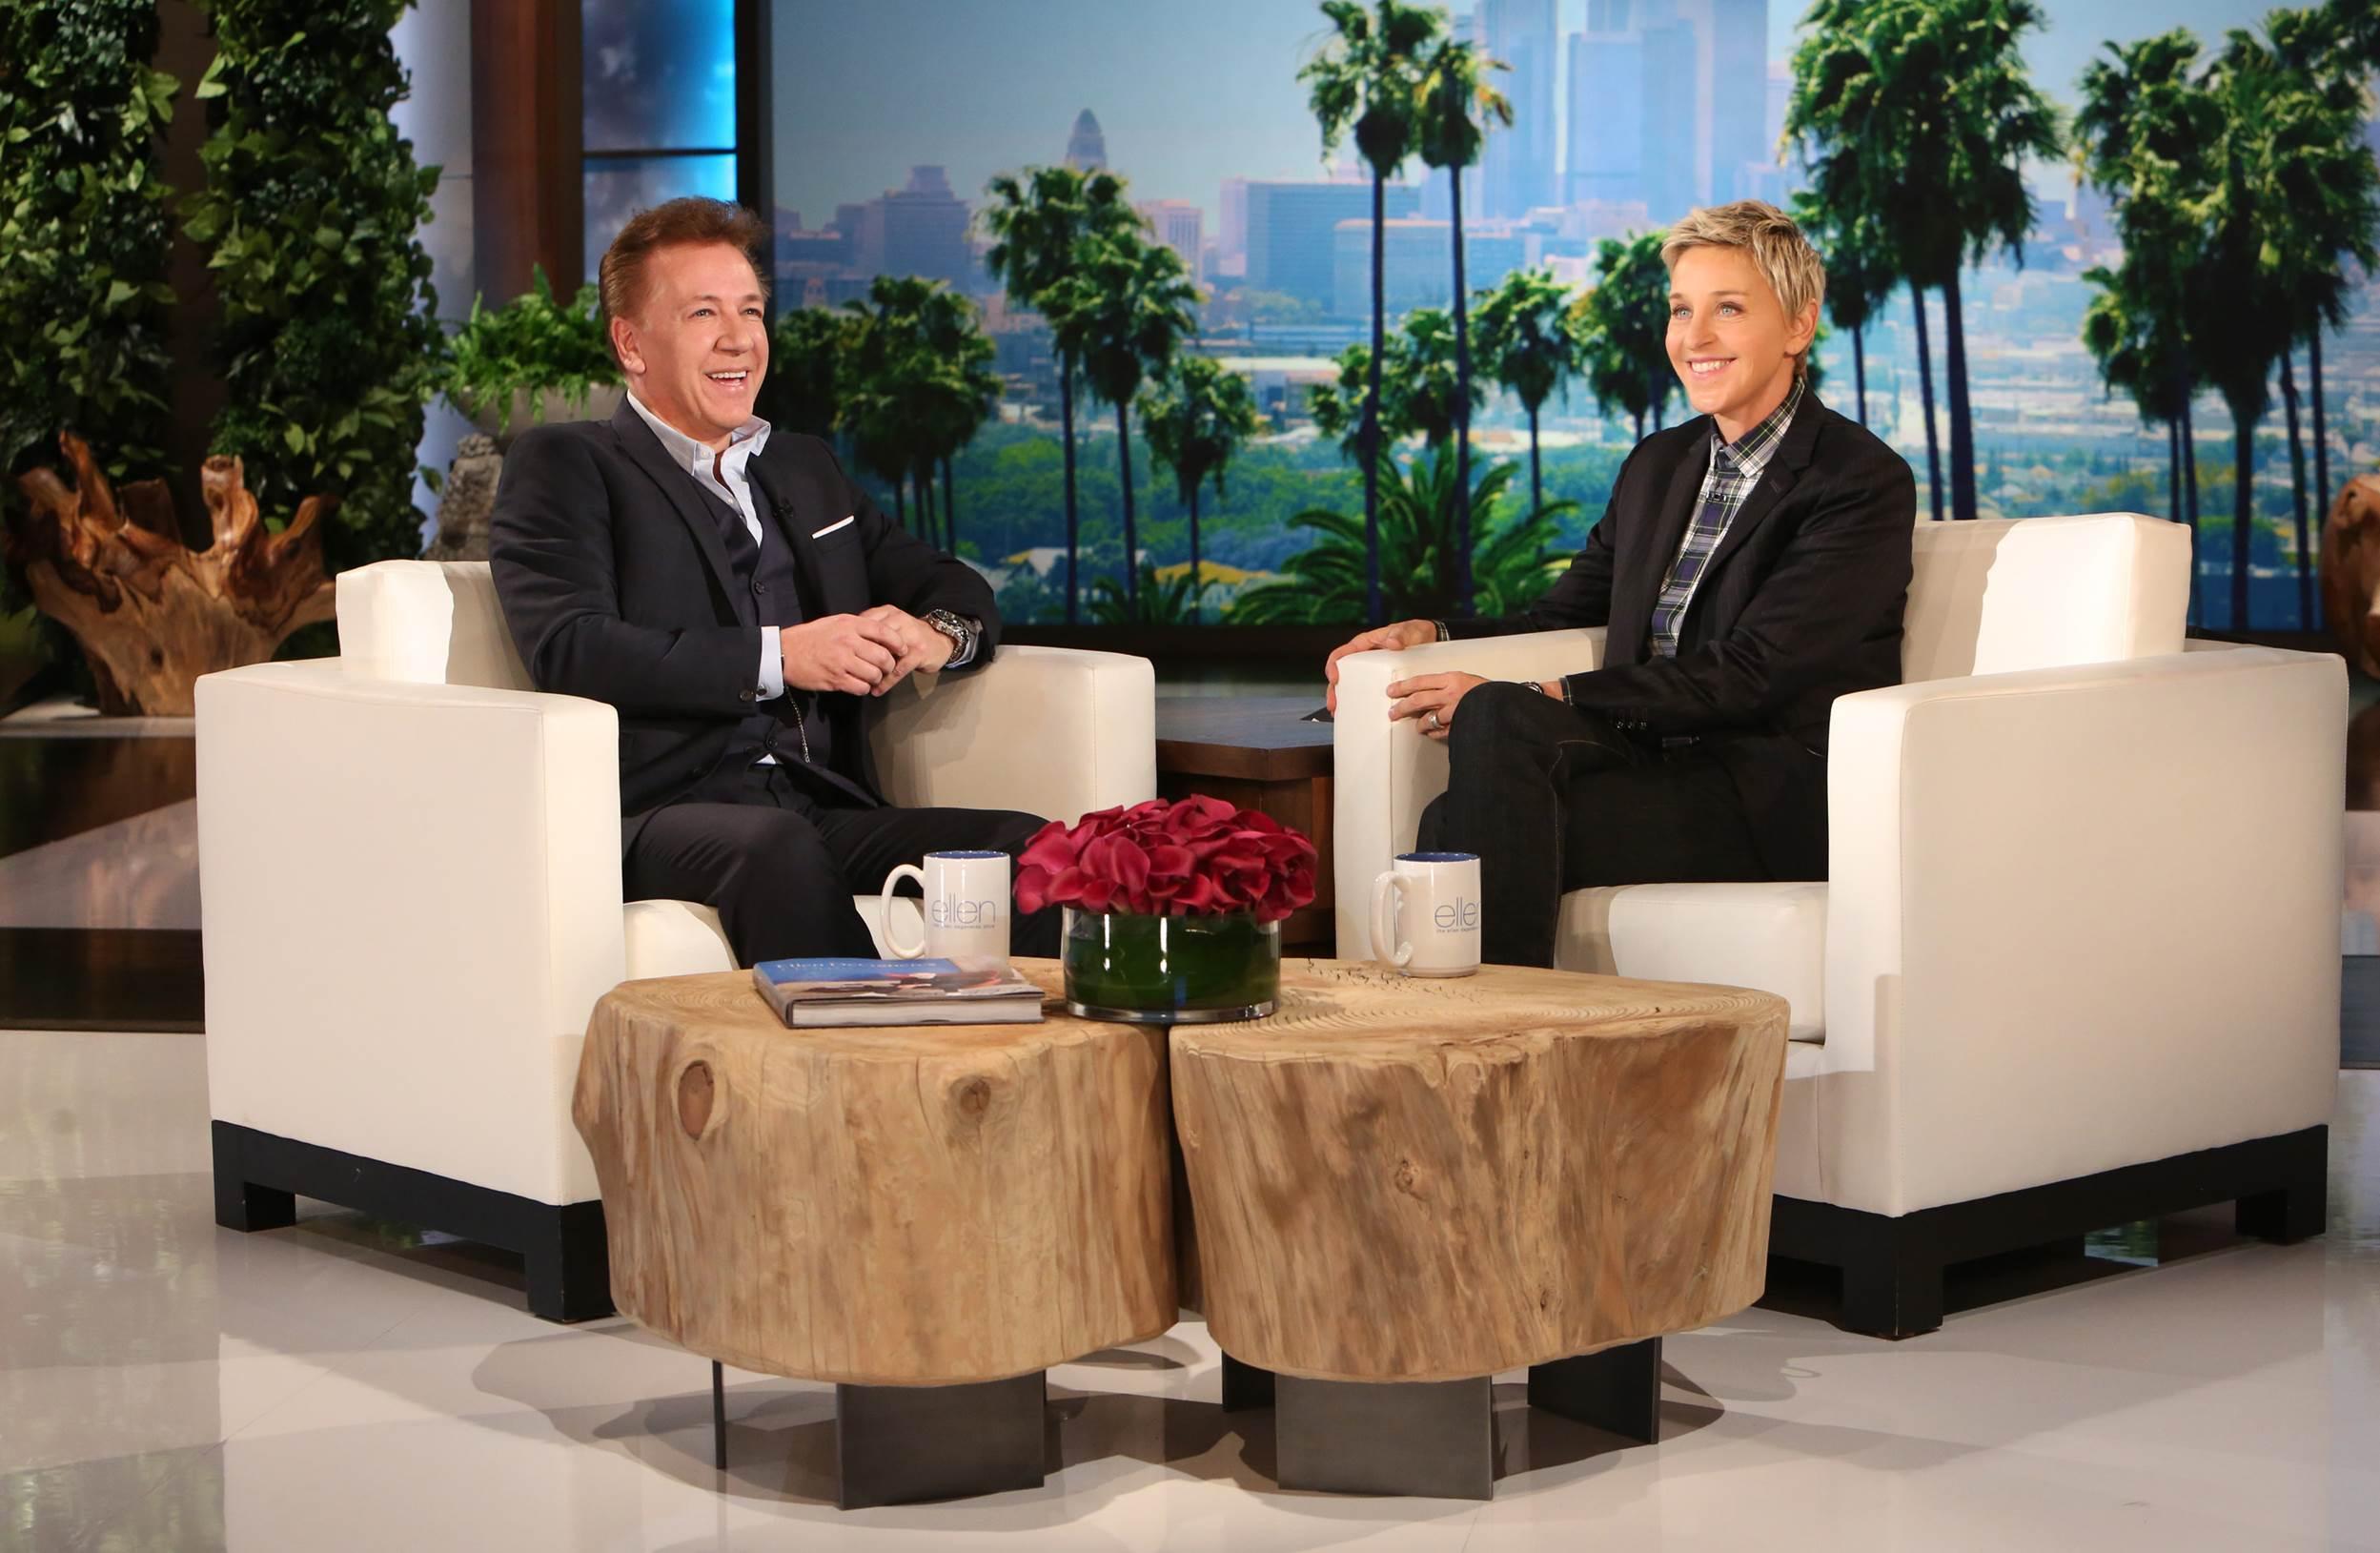 Ross and Ellen